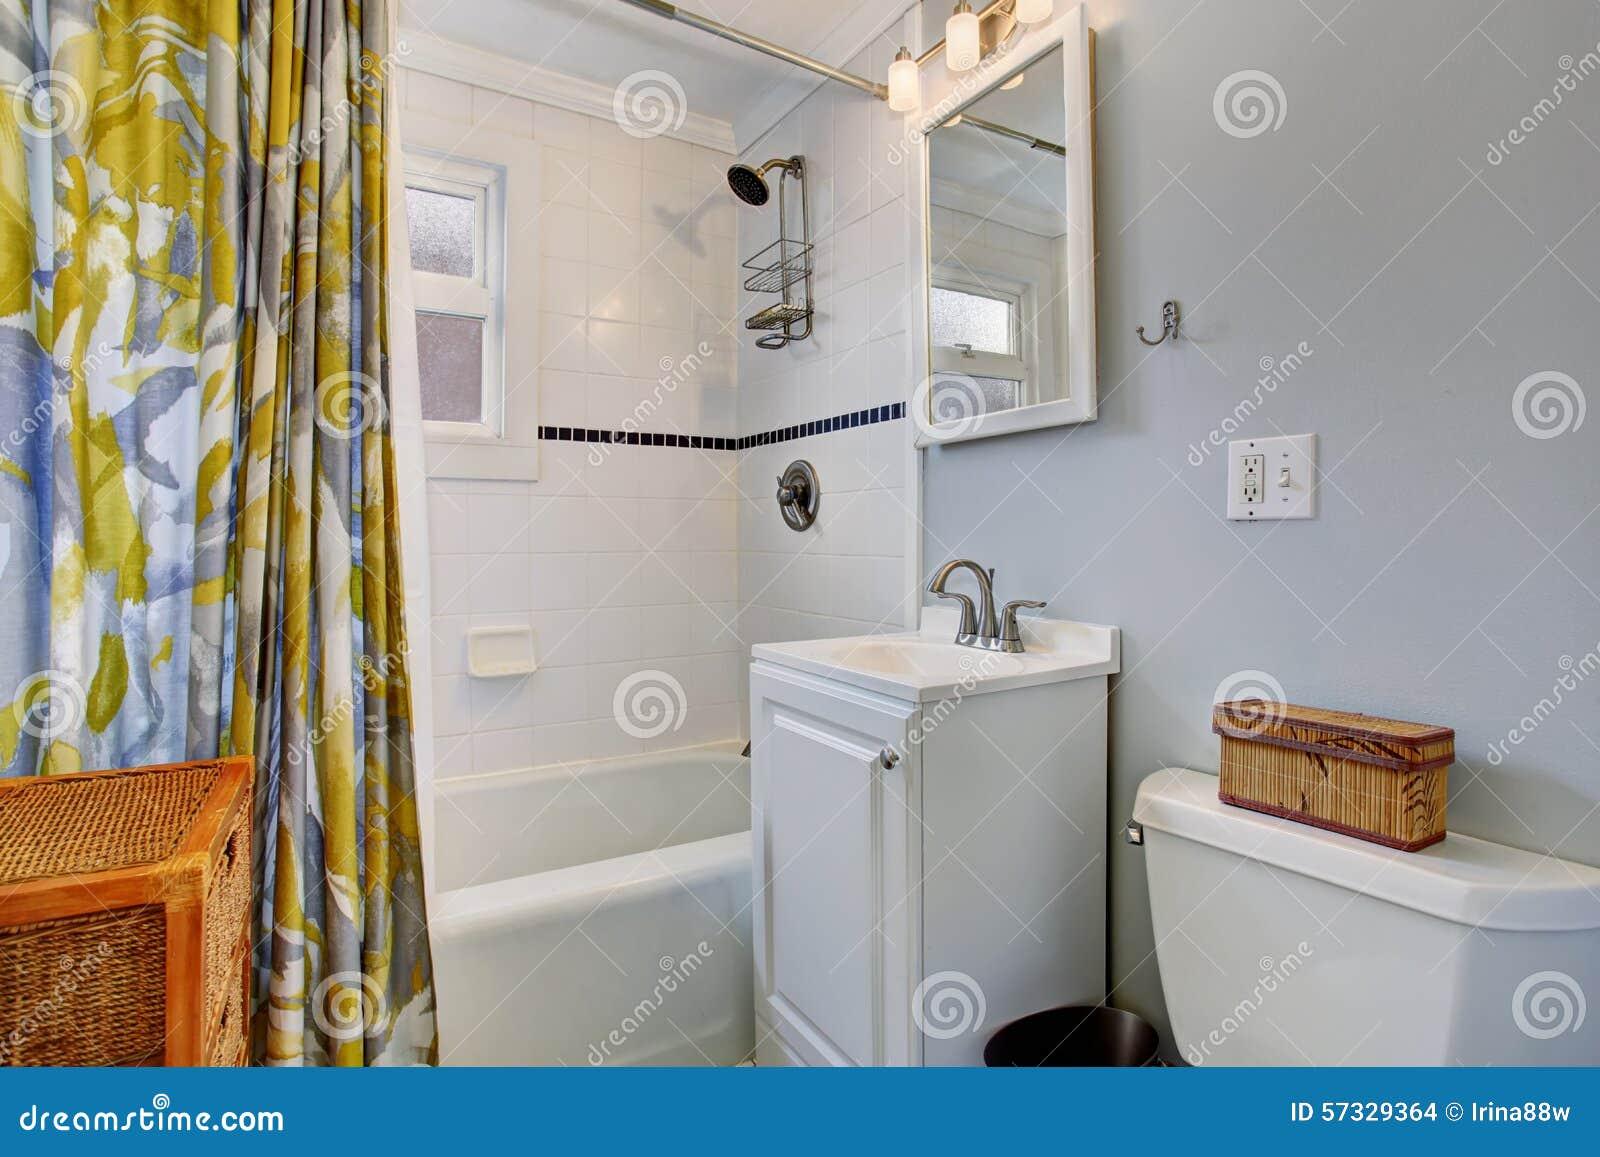 Tende Doccia Per Vasca Da Bagno : Tende vasca da bagno ikea ikea tende doccia bagni ikea bagni box